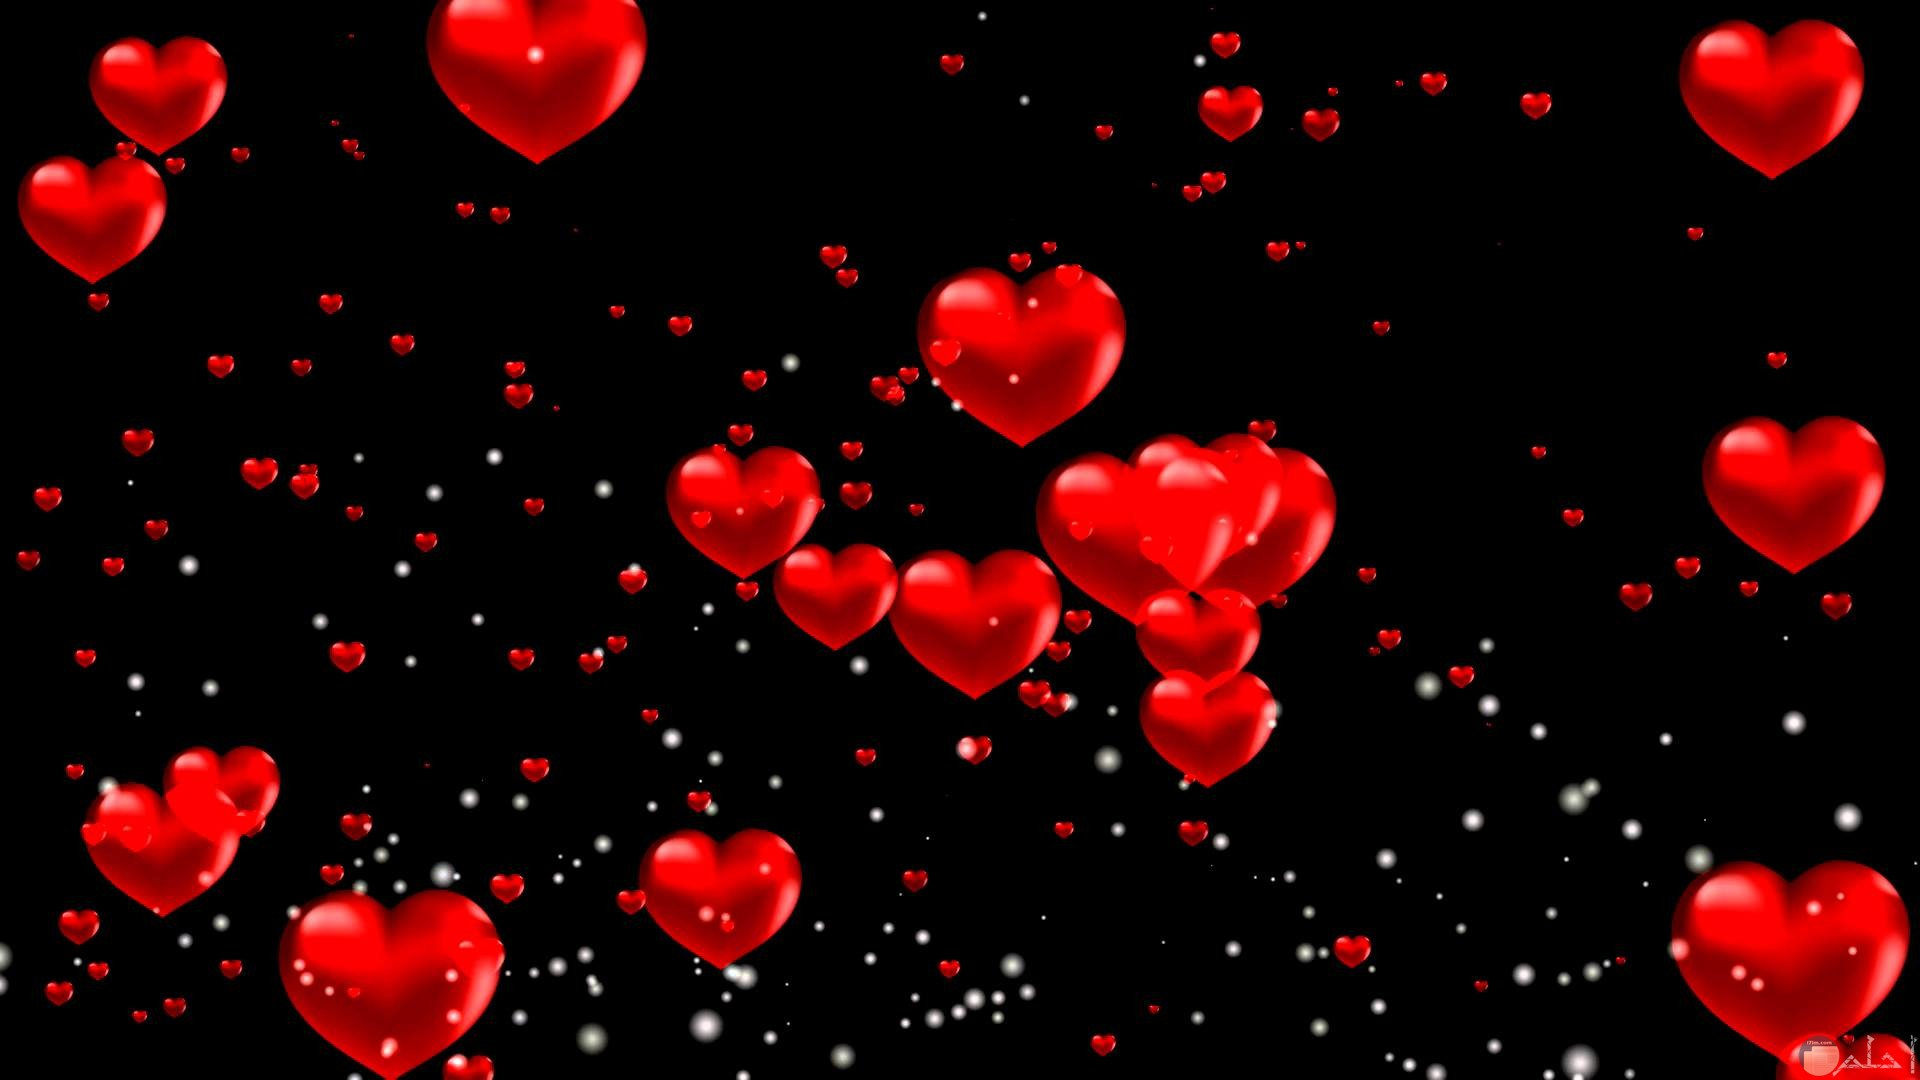 قلوب حمراء مع خلفية سوداء.